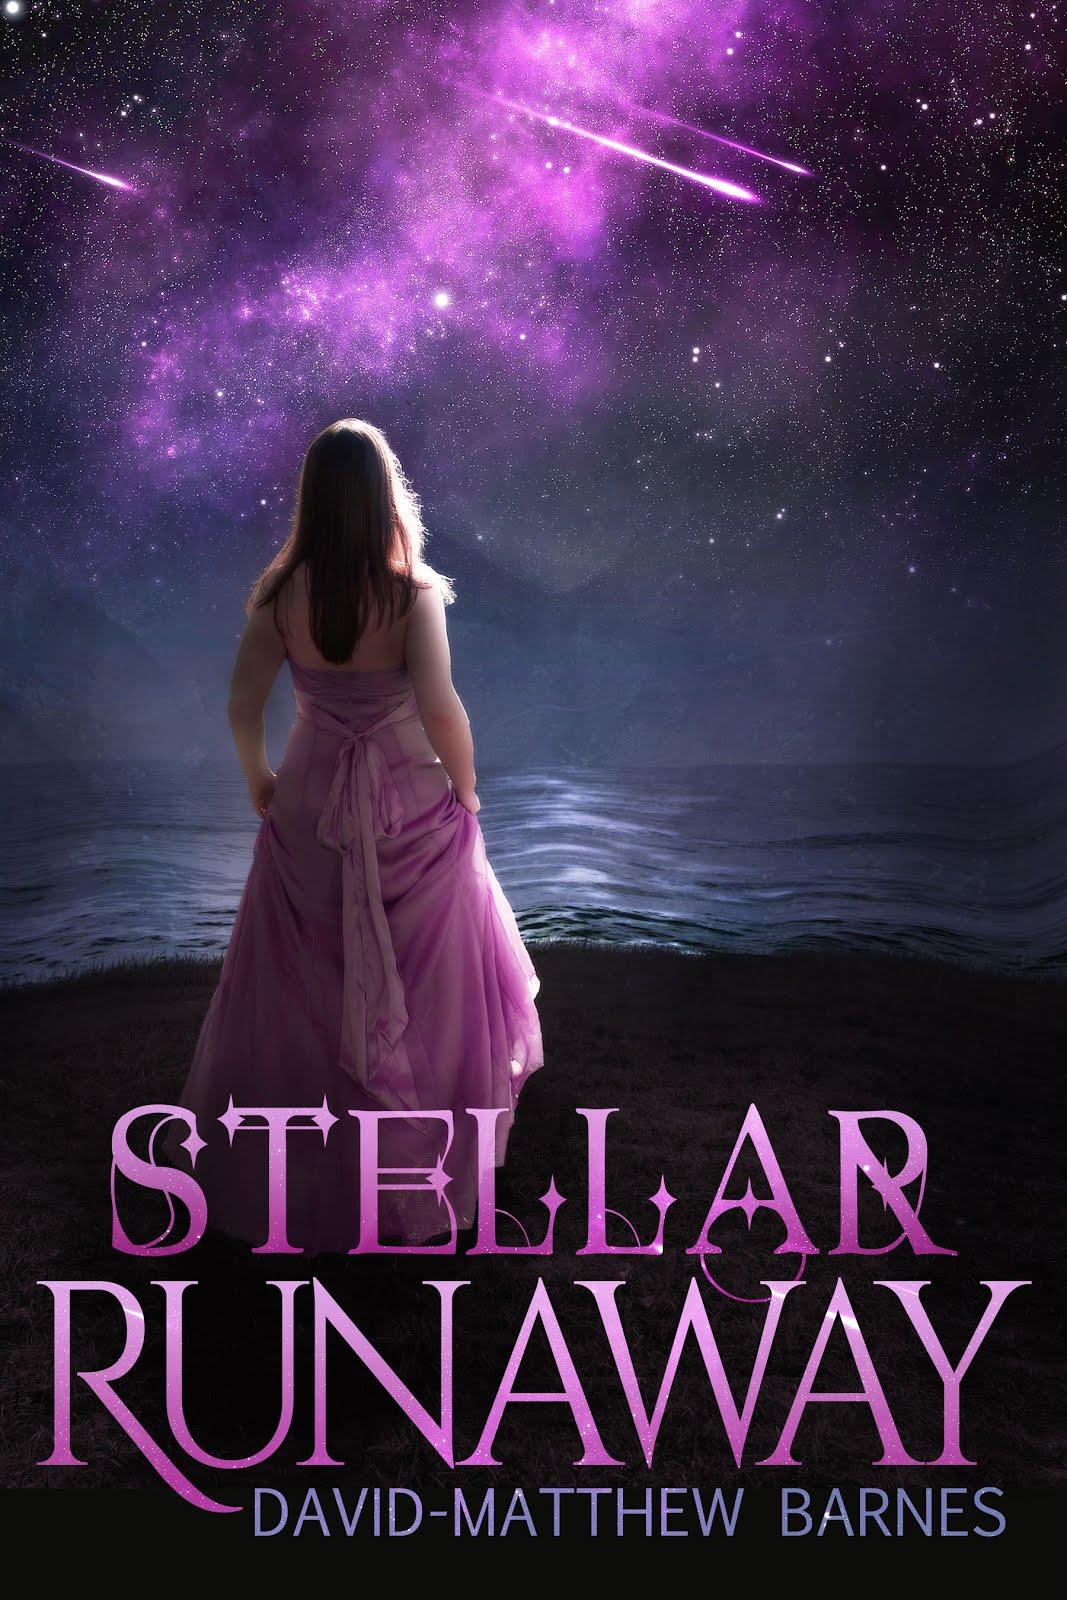 Stellar Runaway